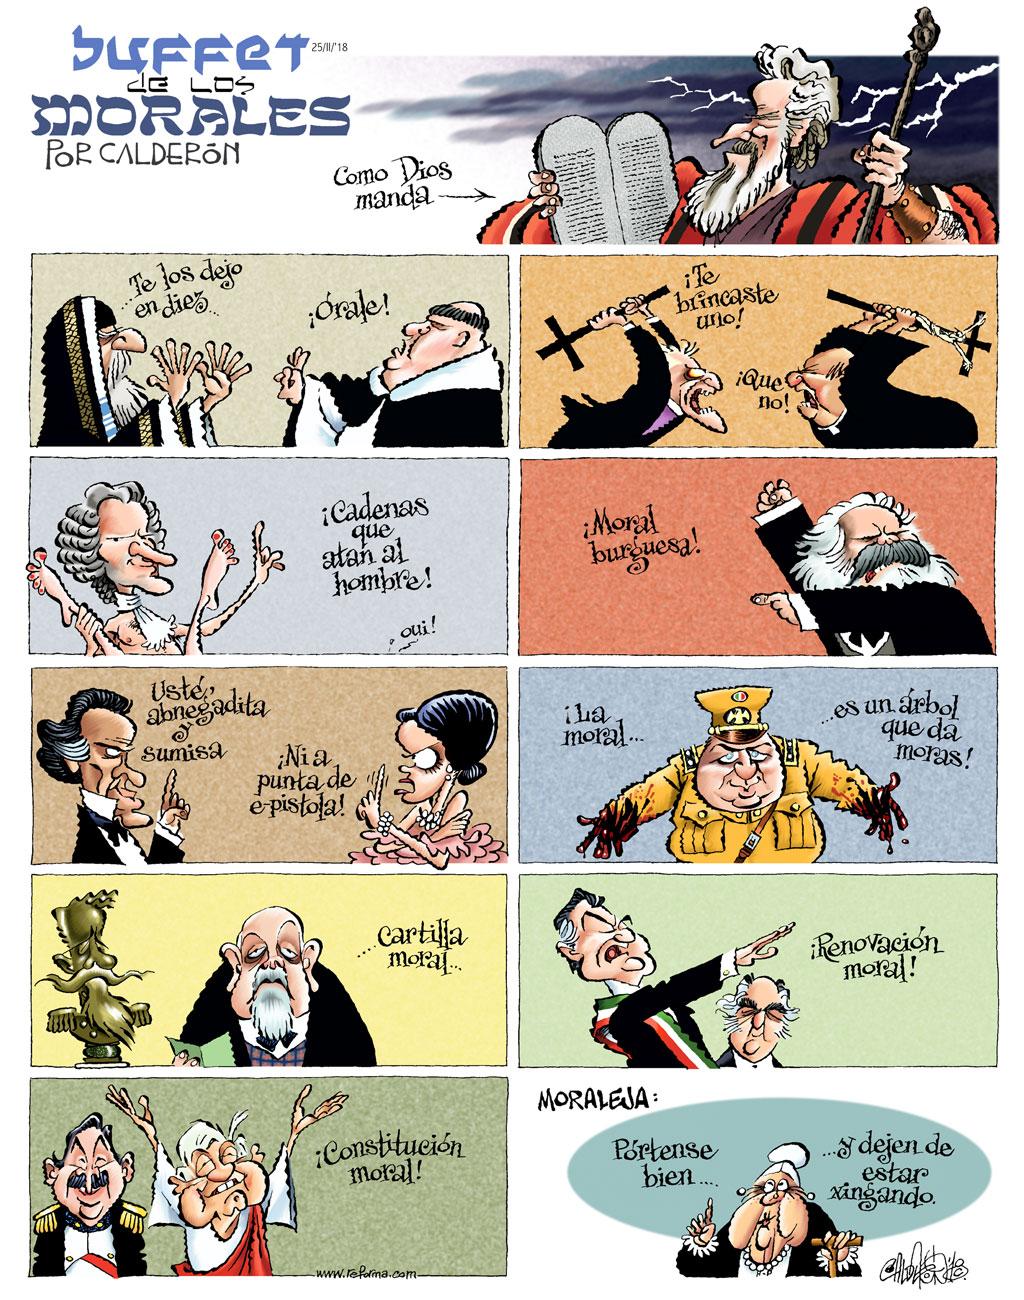 Buffet de los morales - Calderón